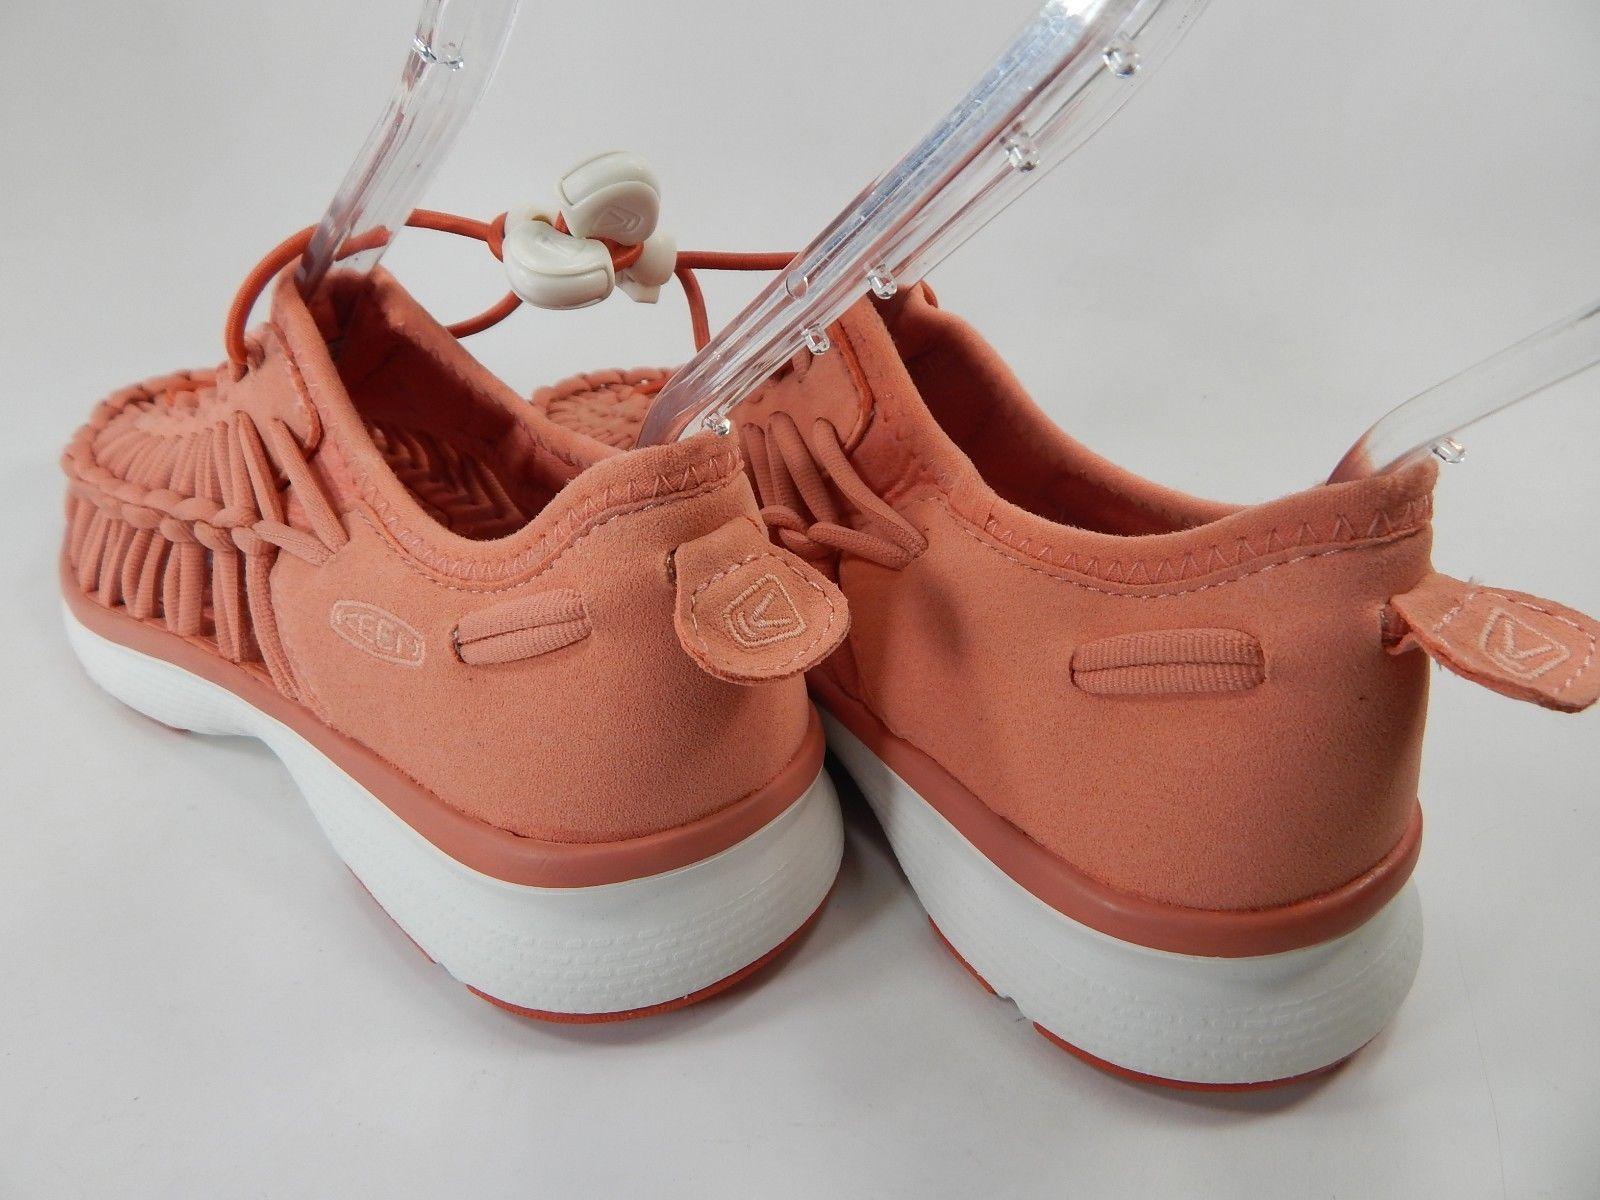 Keen Uneek O2 Women's Sport Sandals Size US 7 M (B) EU 37.5 Summer Fig/Crabapple